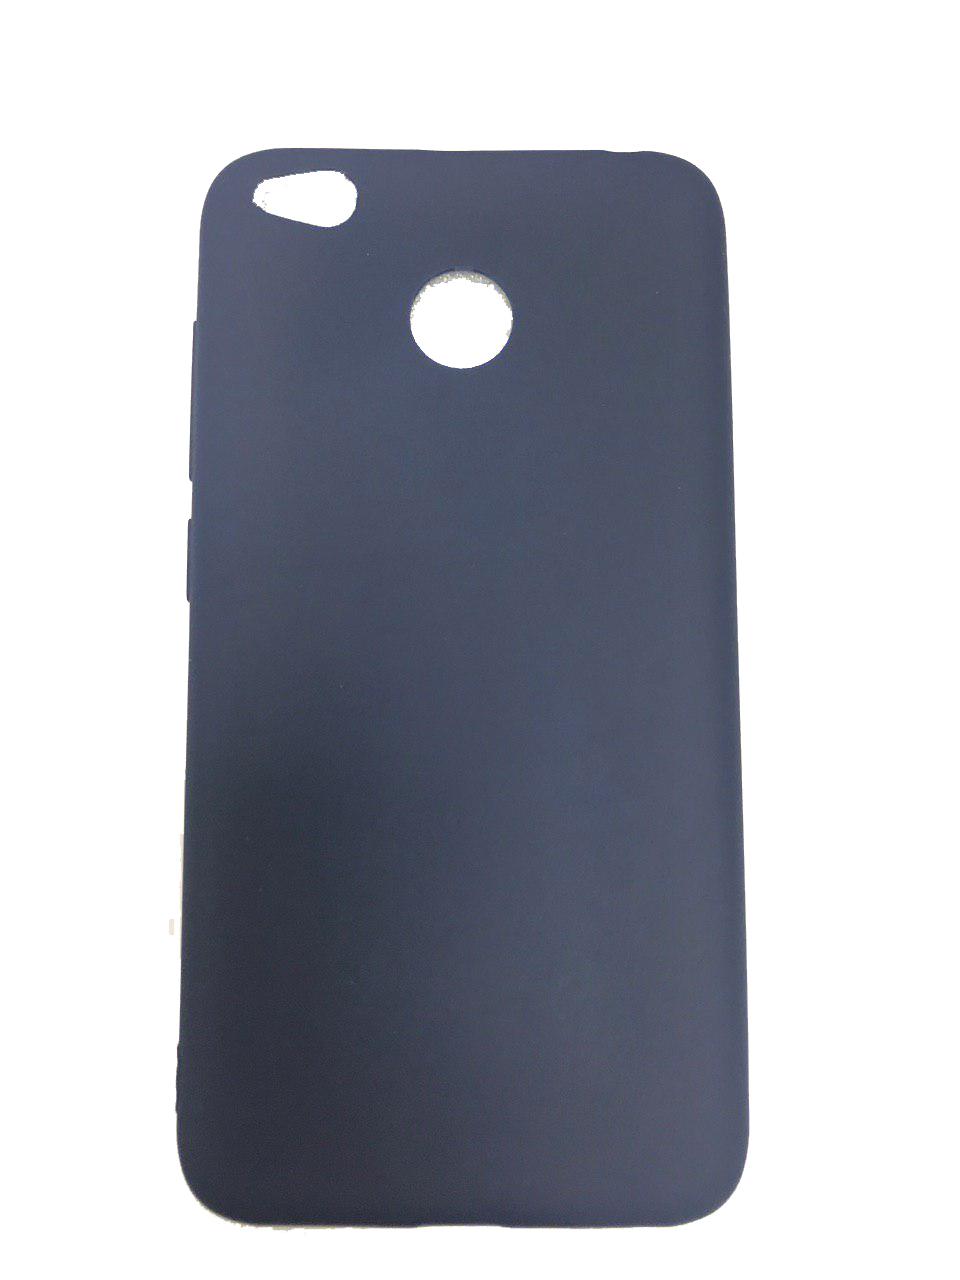 Чехол для сотового телефона Simply Чехол для Xiaomi Redmi 4A (Темно-синий), темно-синий все цены